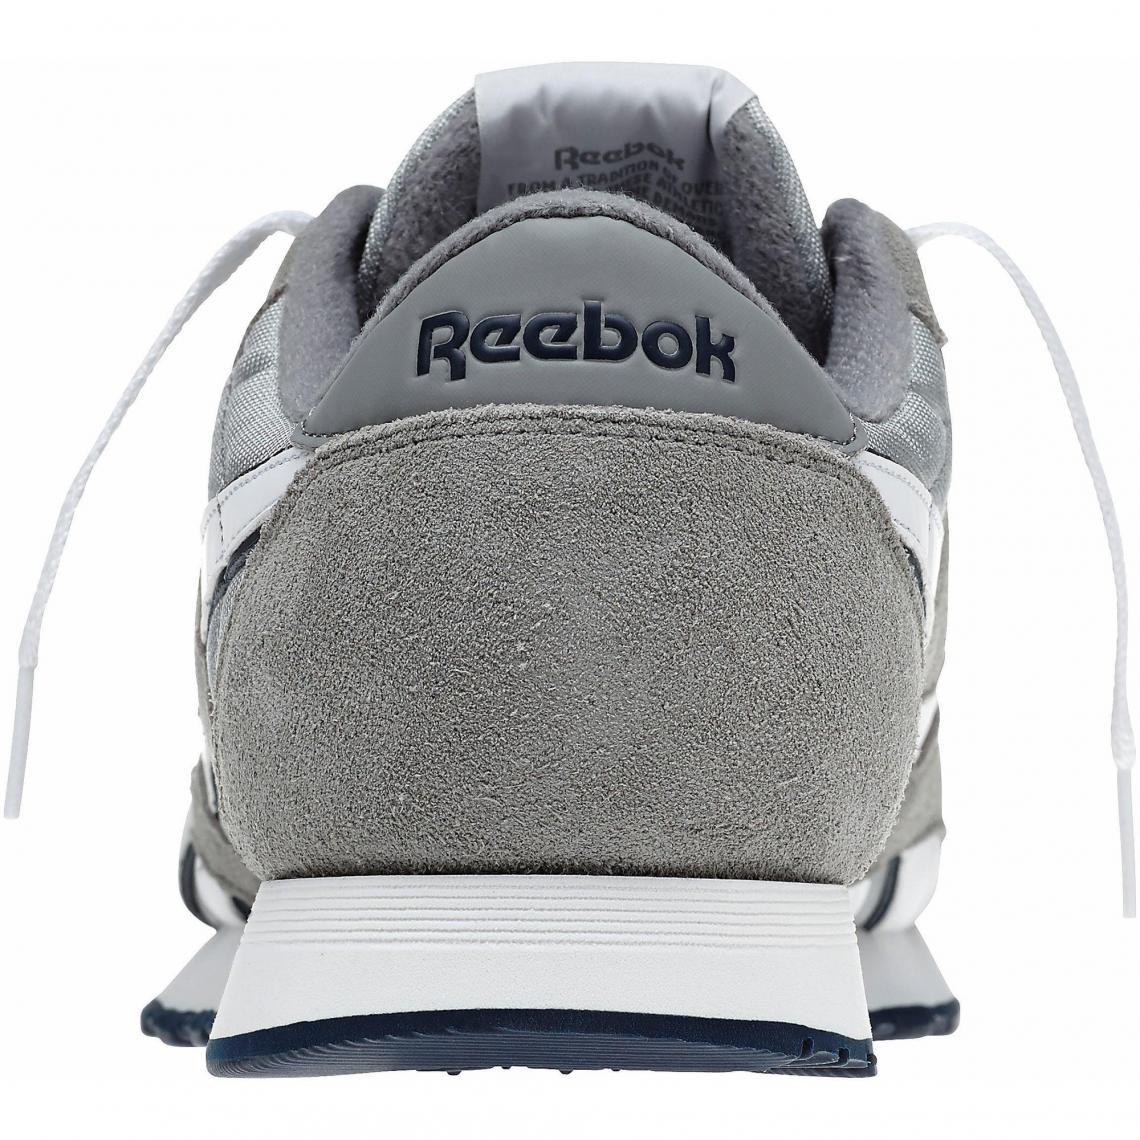 Blanc3suisses Sport Chaussures Nylon Reebok Classic Gris Homme De CxeodB